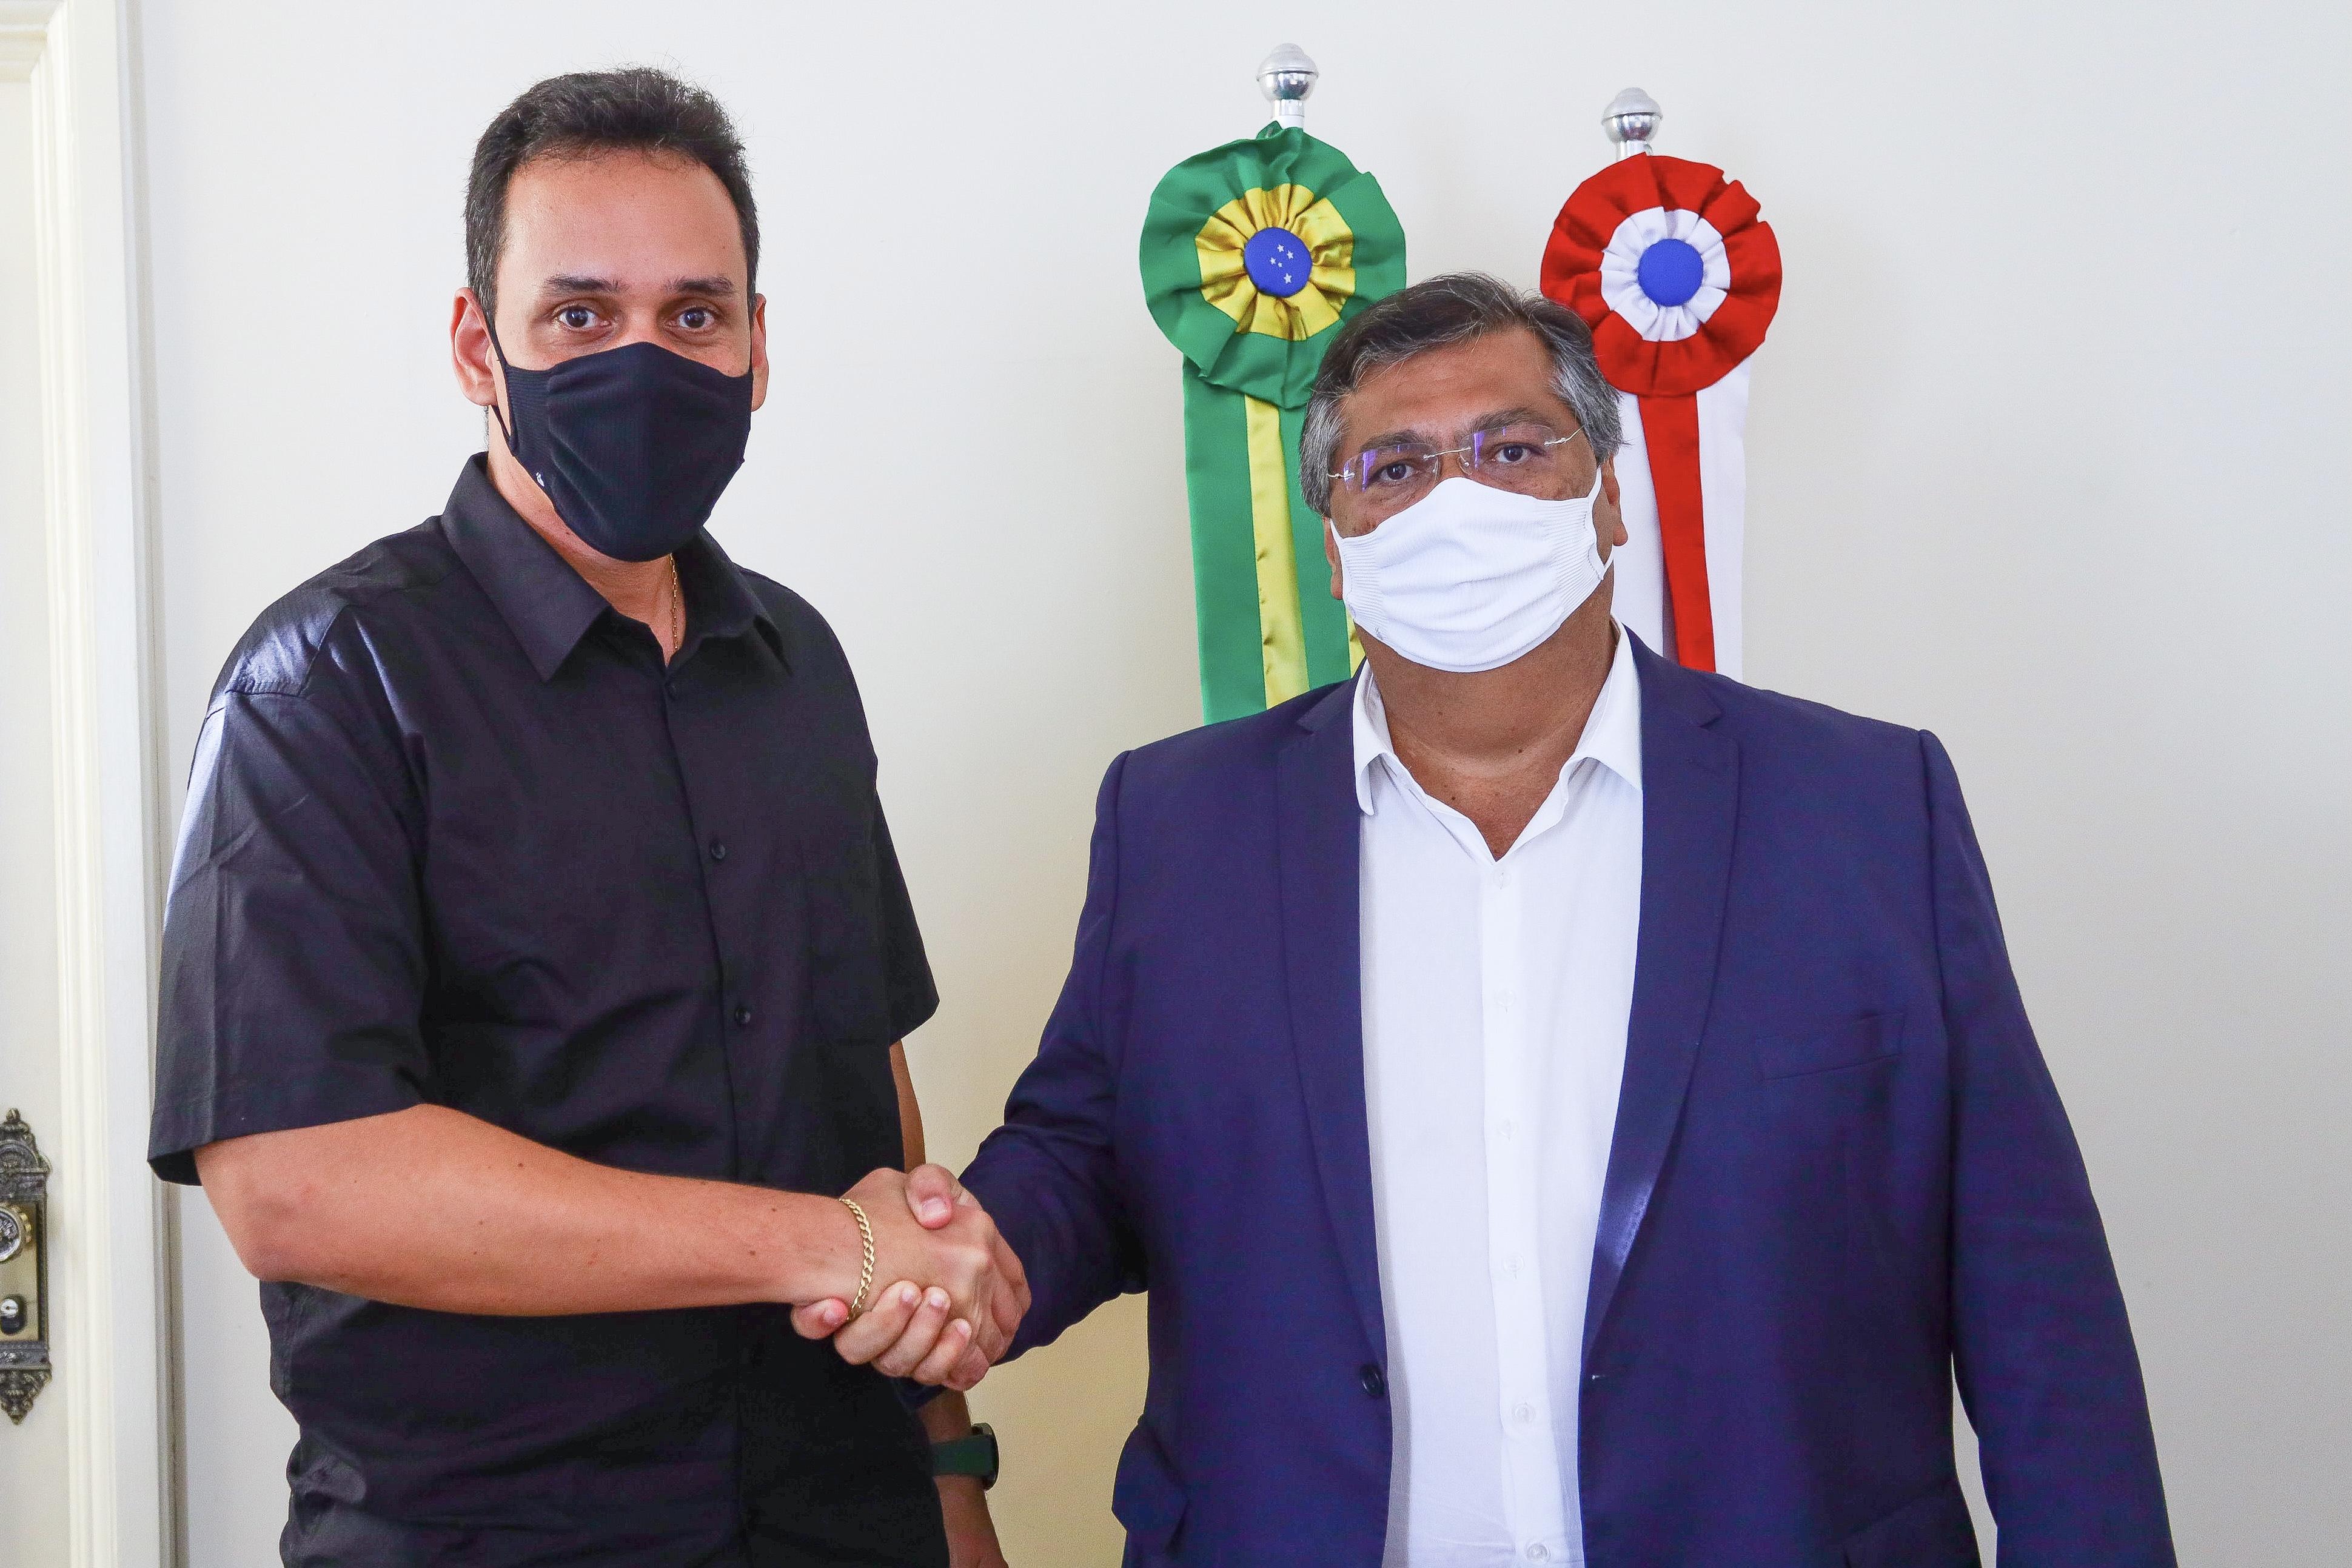 Governador Flávio Dino recebeu o prefeito de Poção de Pedras no Palácio dos Leões (Foto: Gilson Teixeira)